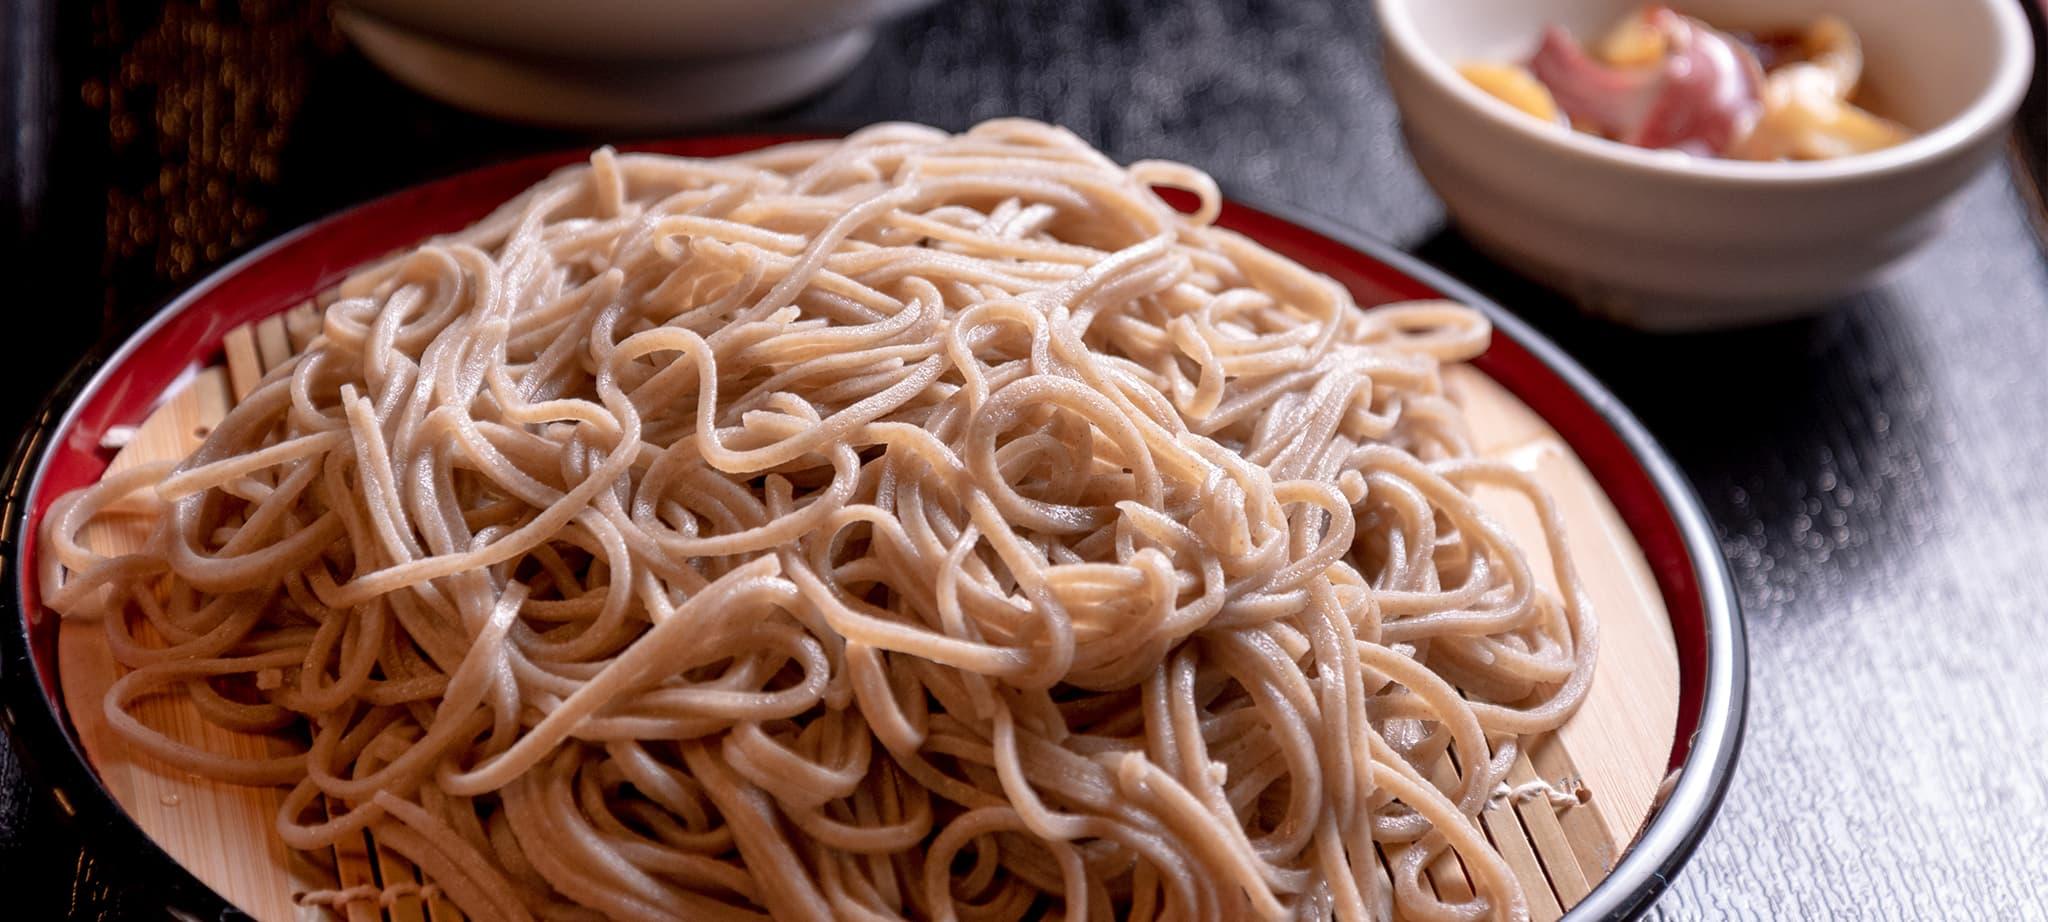 準備日文檢定的小知識:七夕的習俗活動-吃索餅、素麵